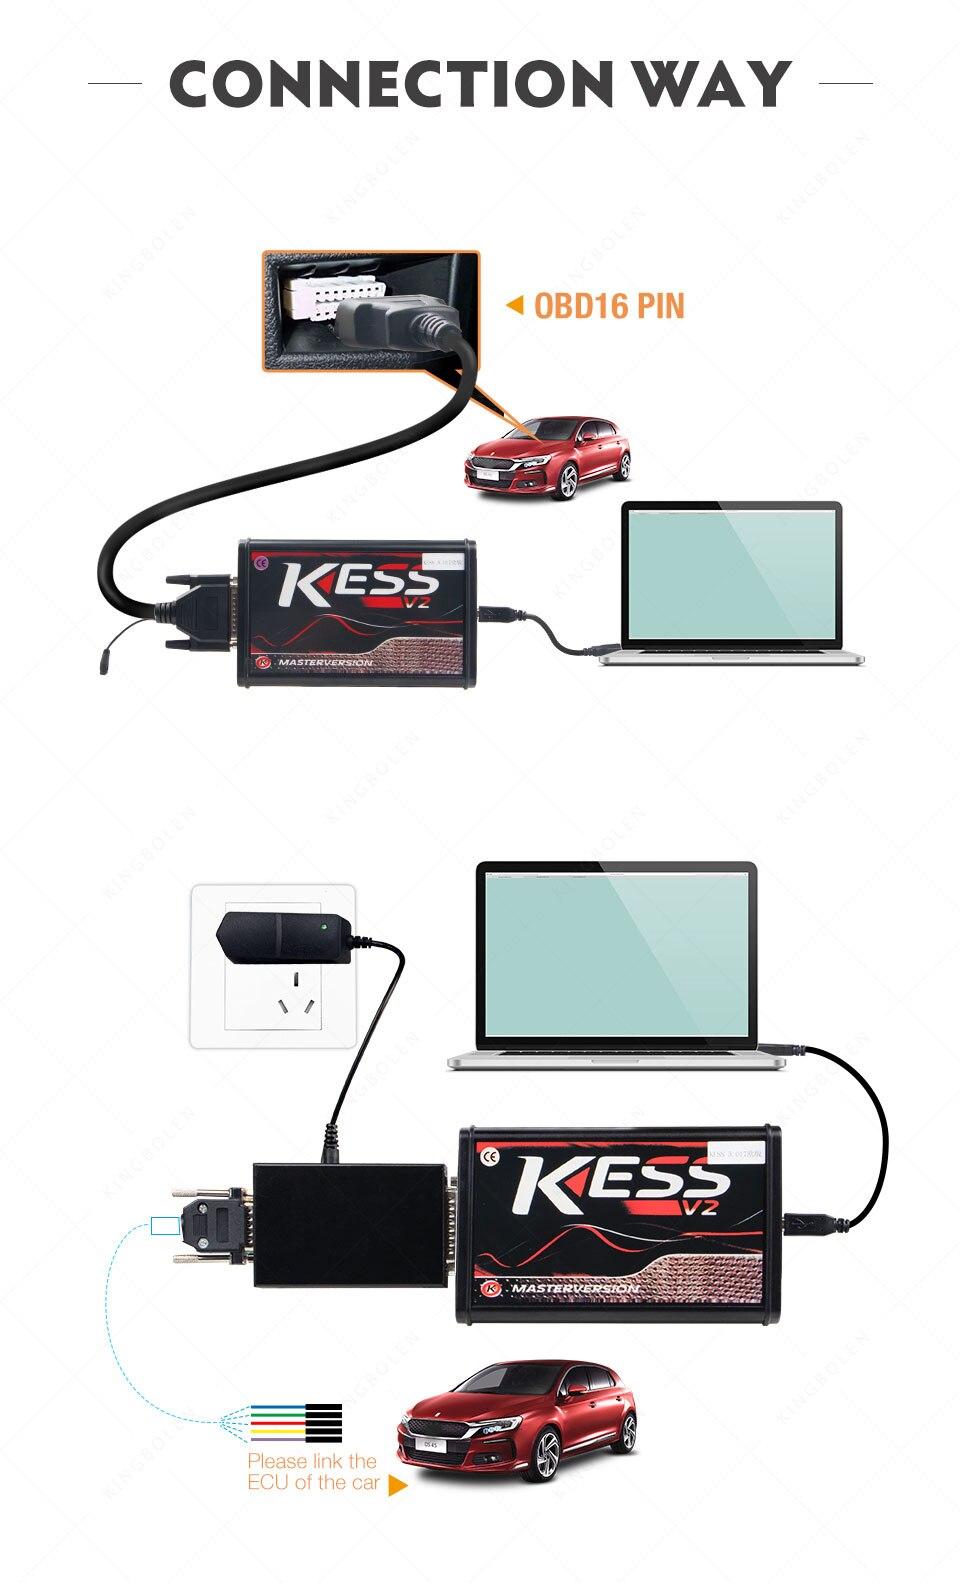 KESS V2 V5.017 EU Red PCB (6)